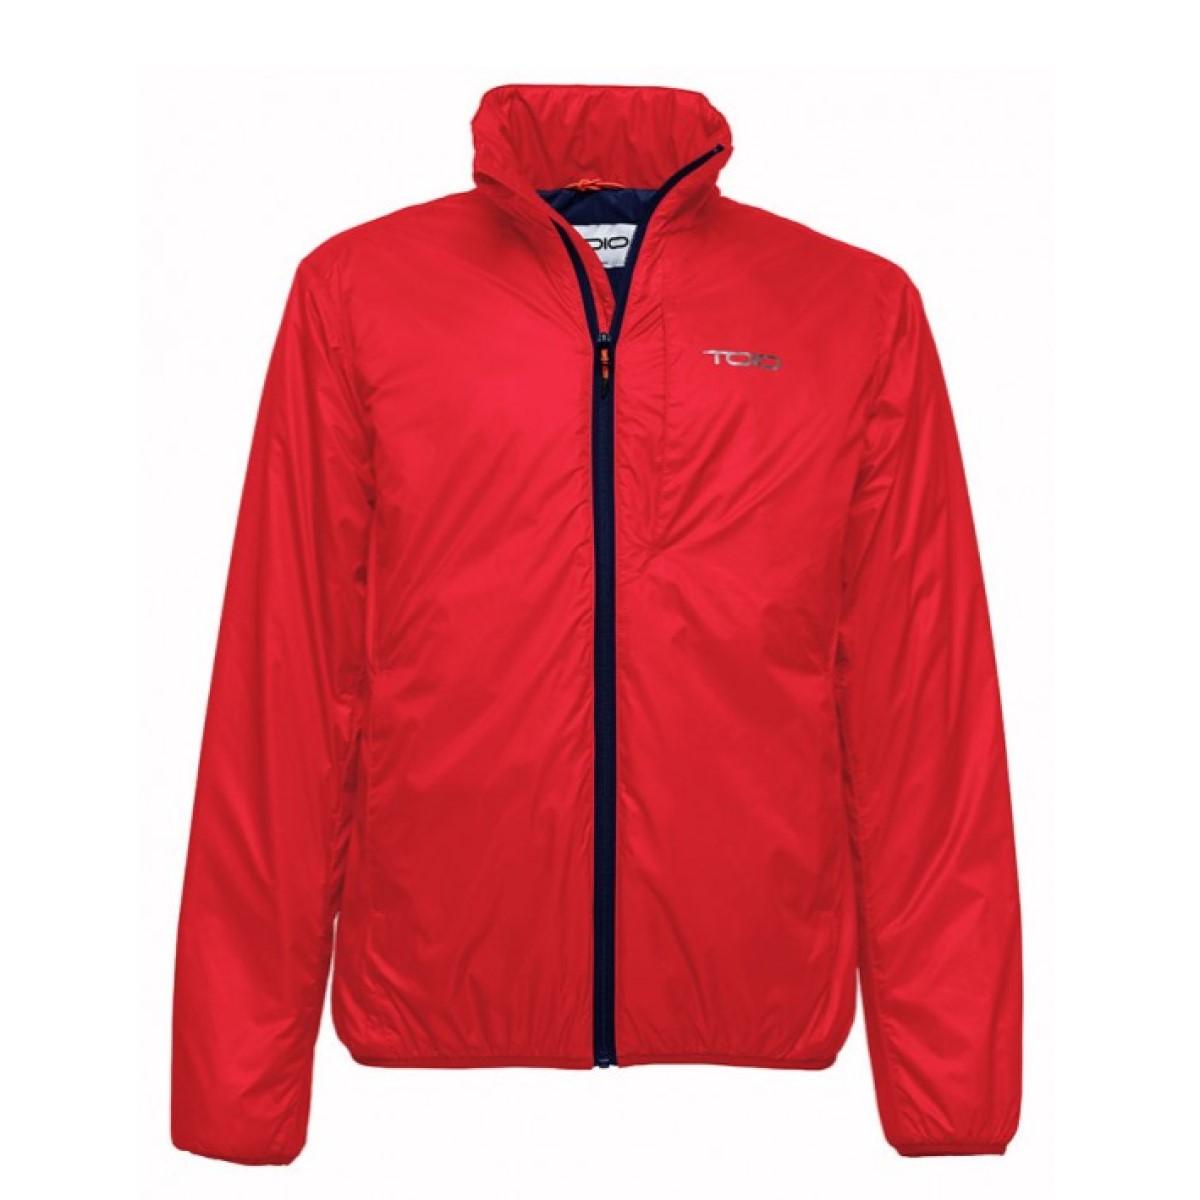 Boom jacket